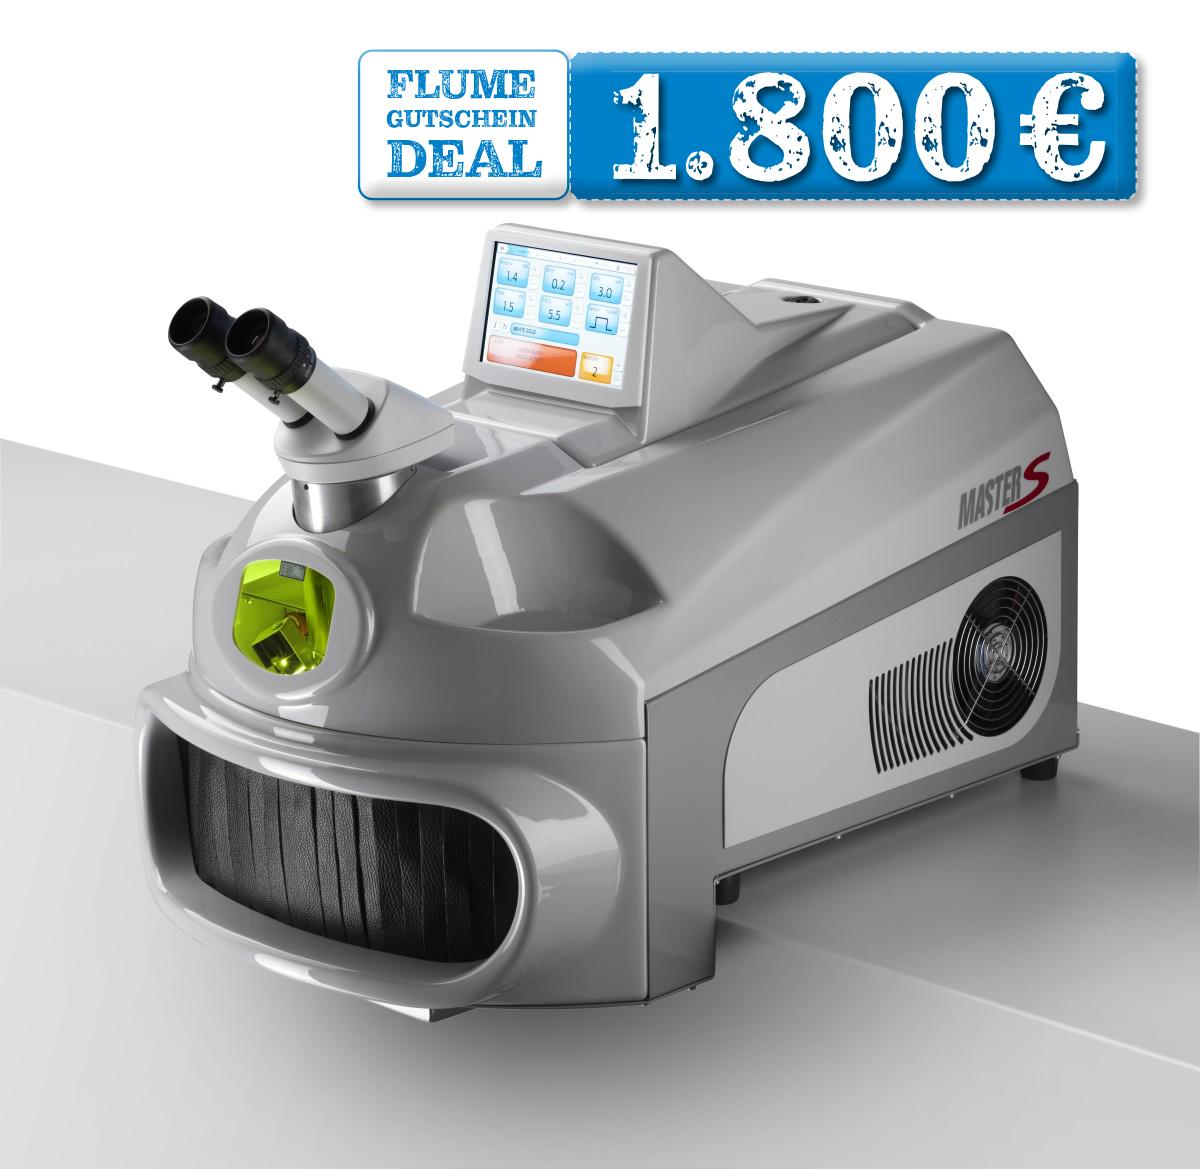 JETZT 1.800€-GUTSCHEIN SICHERN: Kompakt-Schweißlaser Master S 100 mit Mikroskop